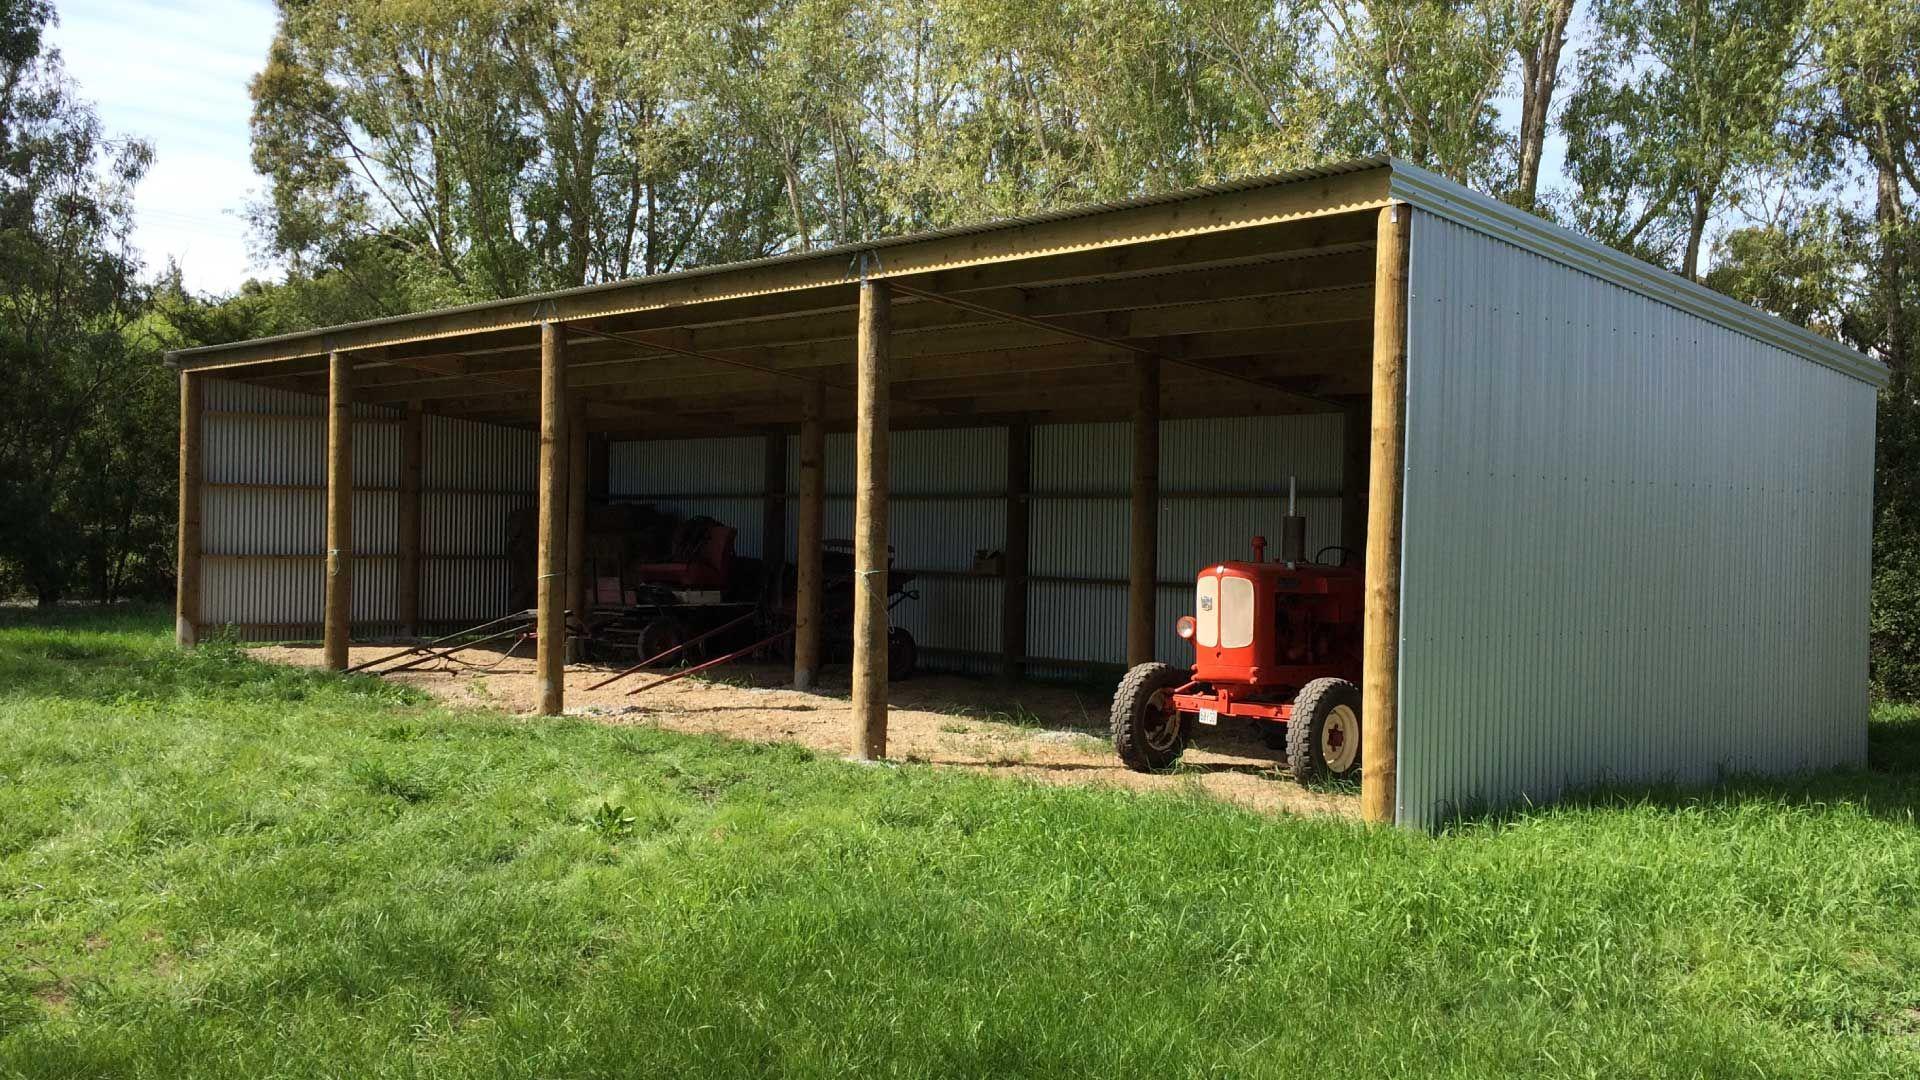 Farm Kitset Farm shed, Farm buildings, Building structure